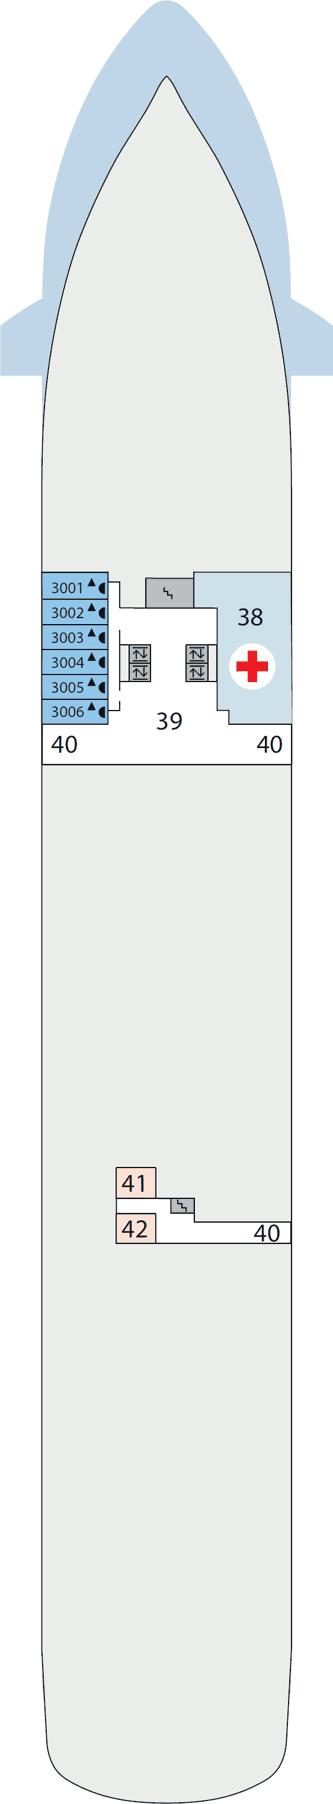 AIDAaura - Deck 3